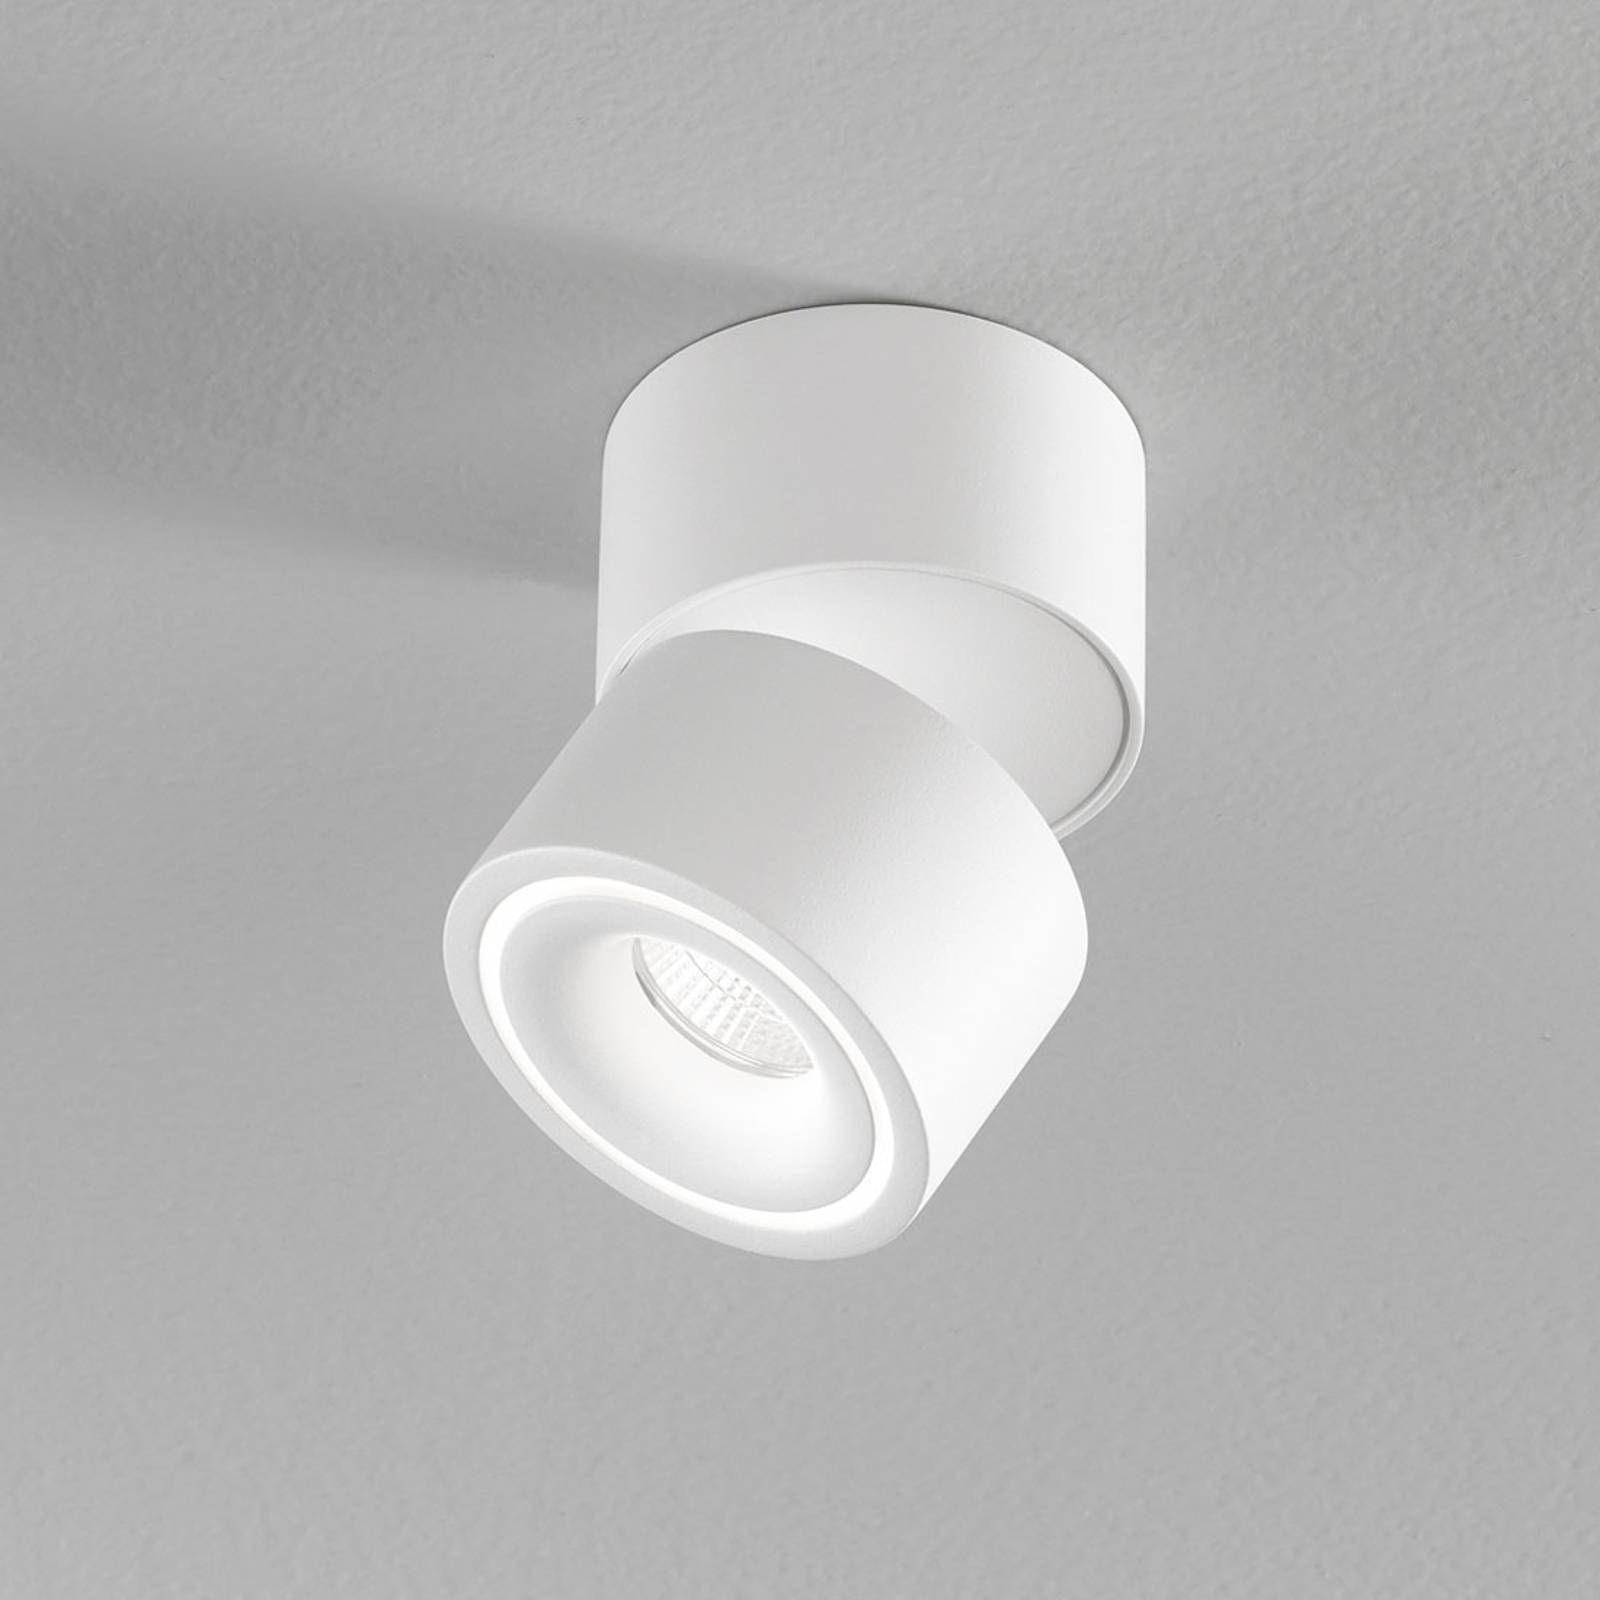 Egger Clippo S spot LED soffitto, bianco